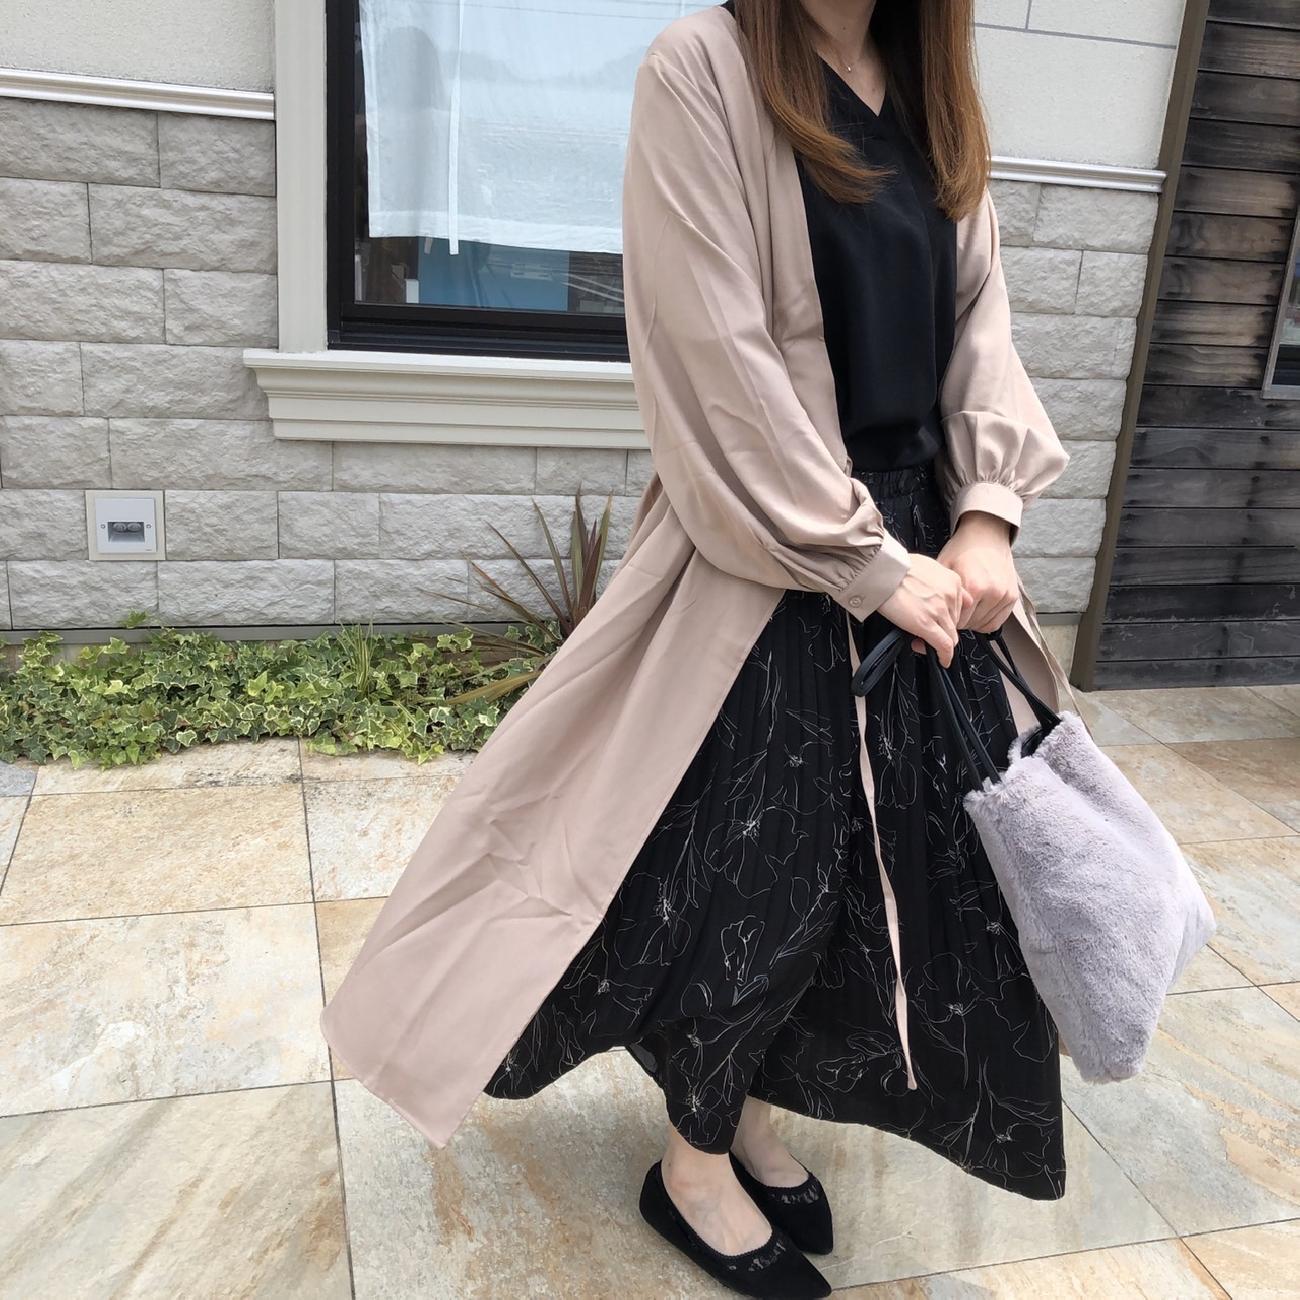 ワンピース/羽織り/コーディネート/秋/ファッション/雑貨屋/津山